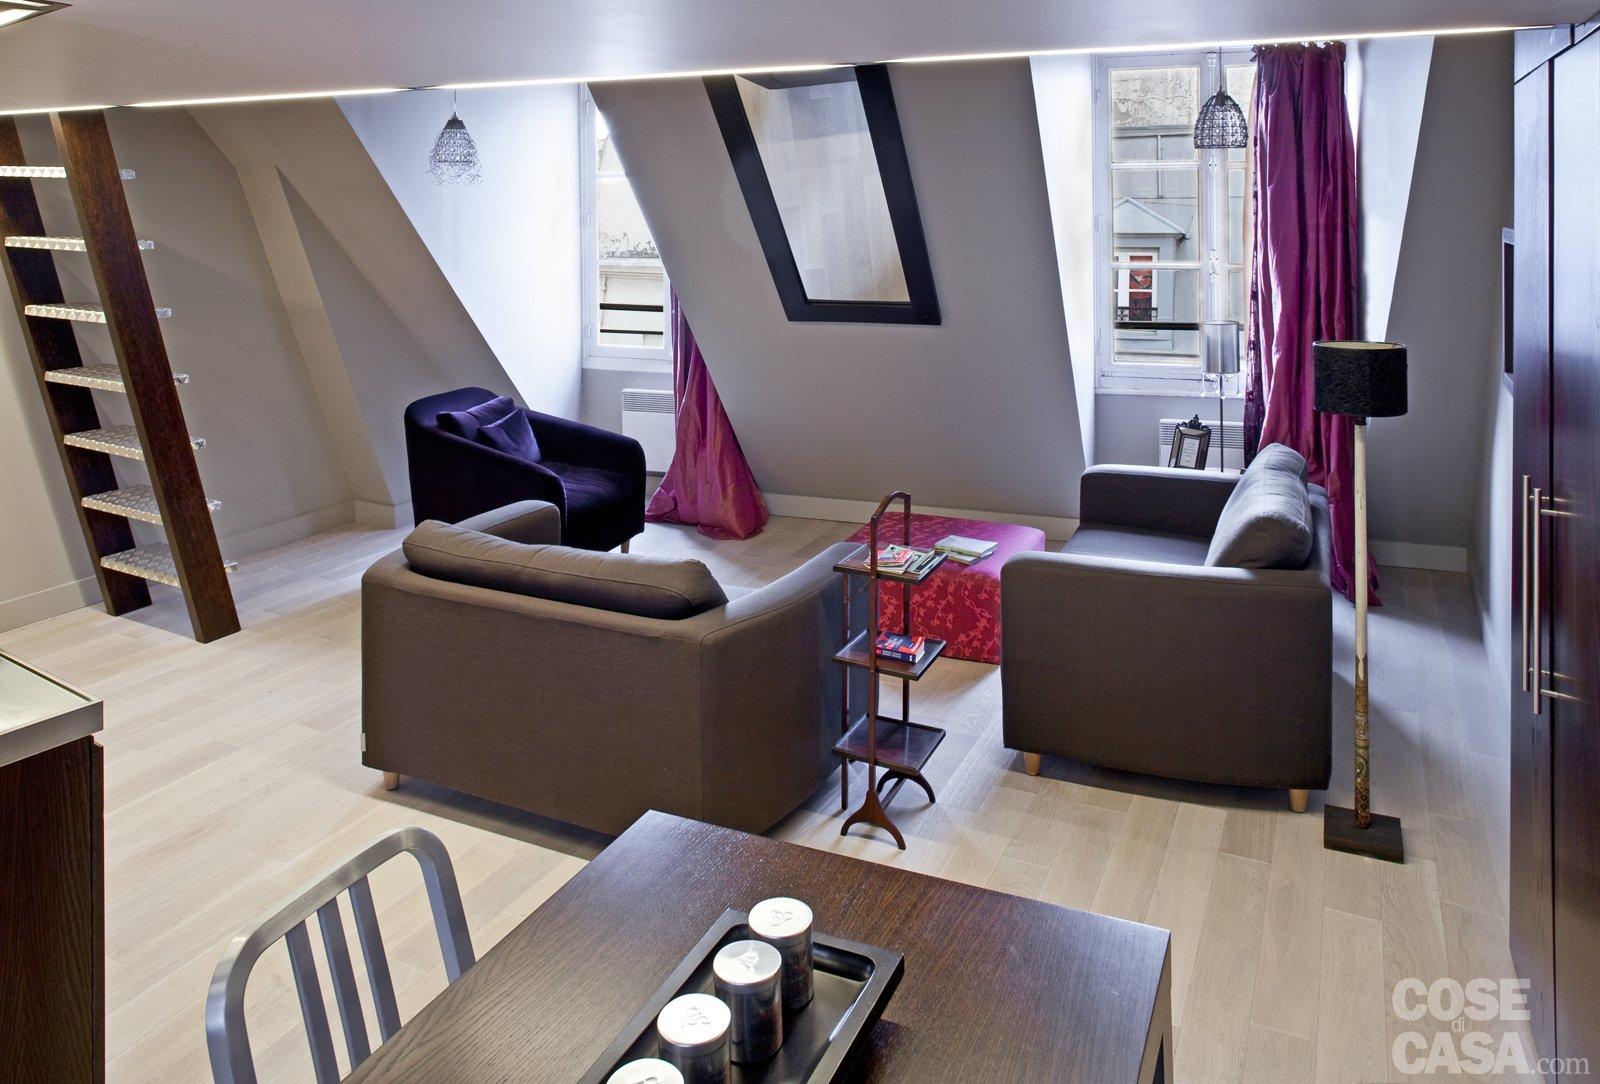 casa di 60 mq con soppalco : La casa cresce: da 35 a 60 mq - Cose di Casa